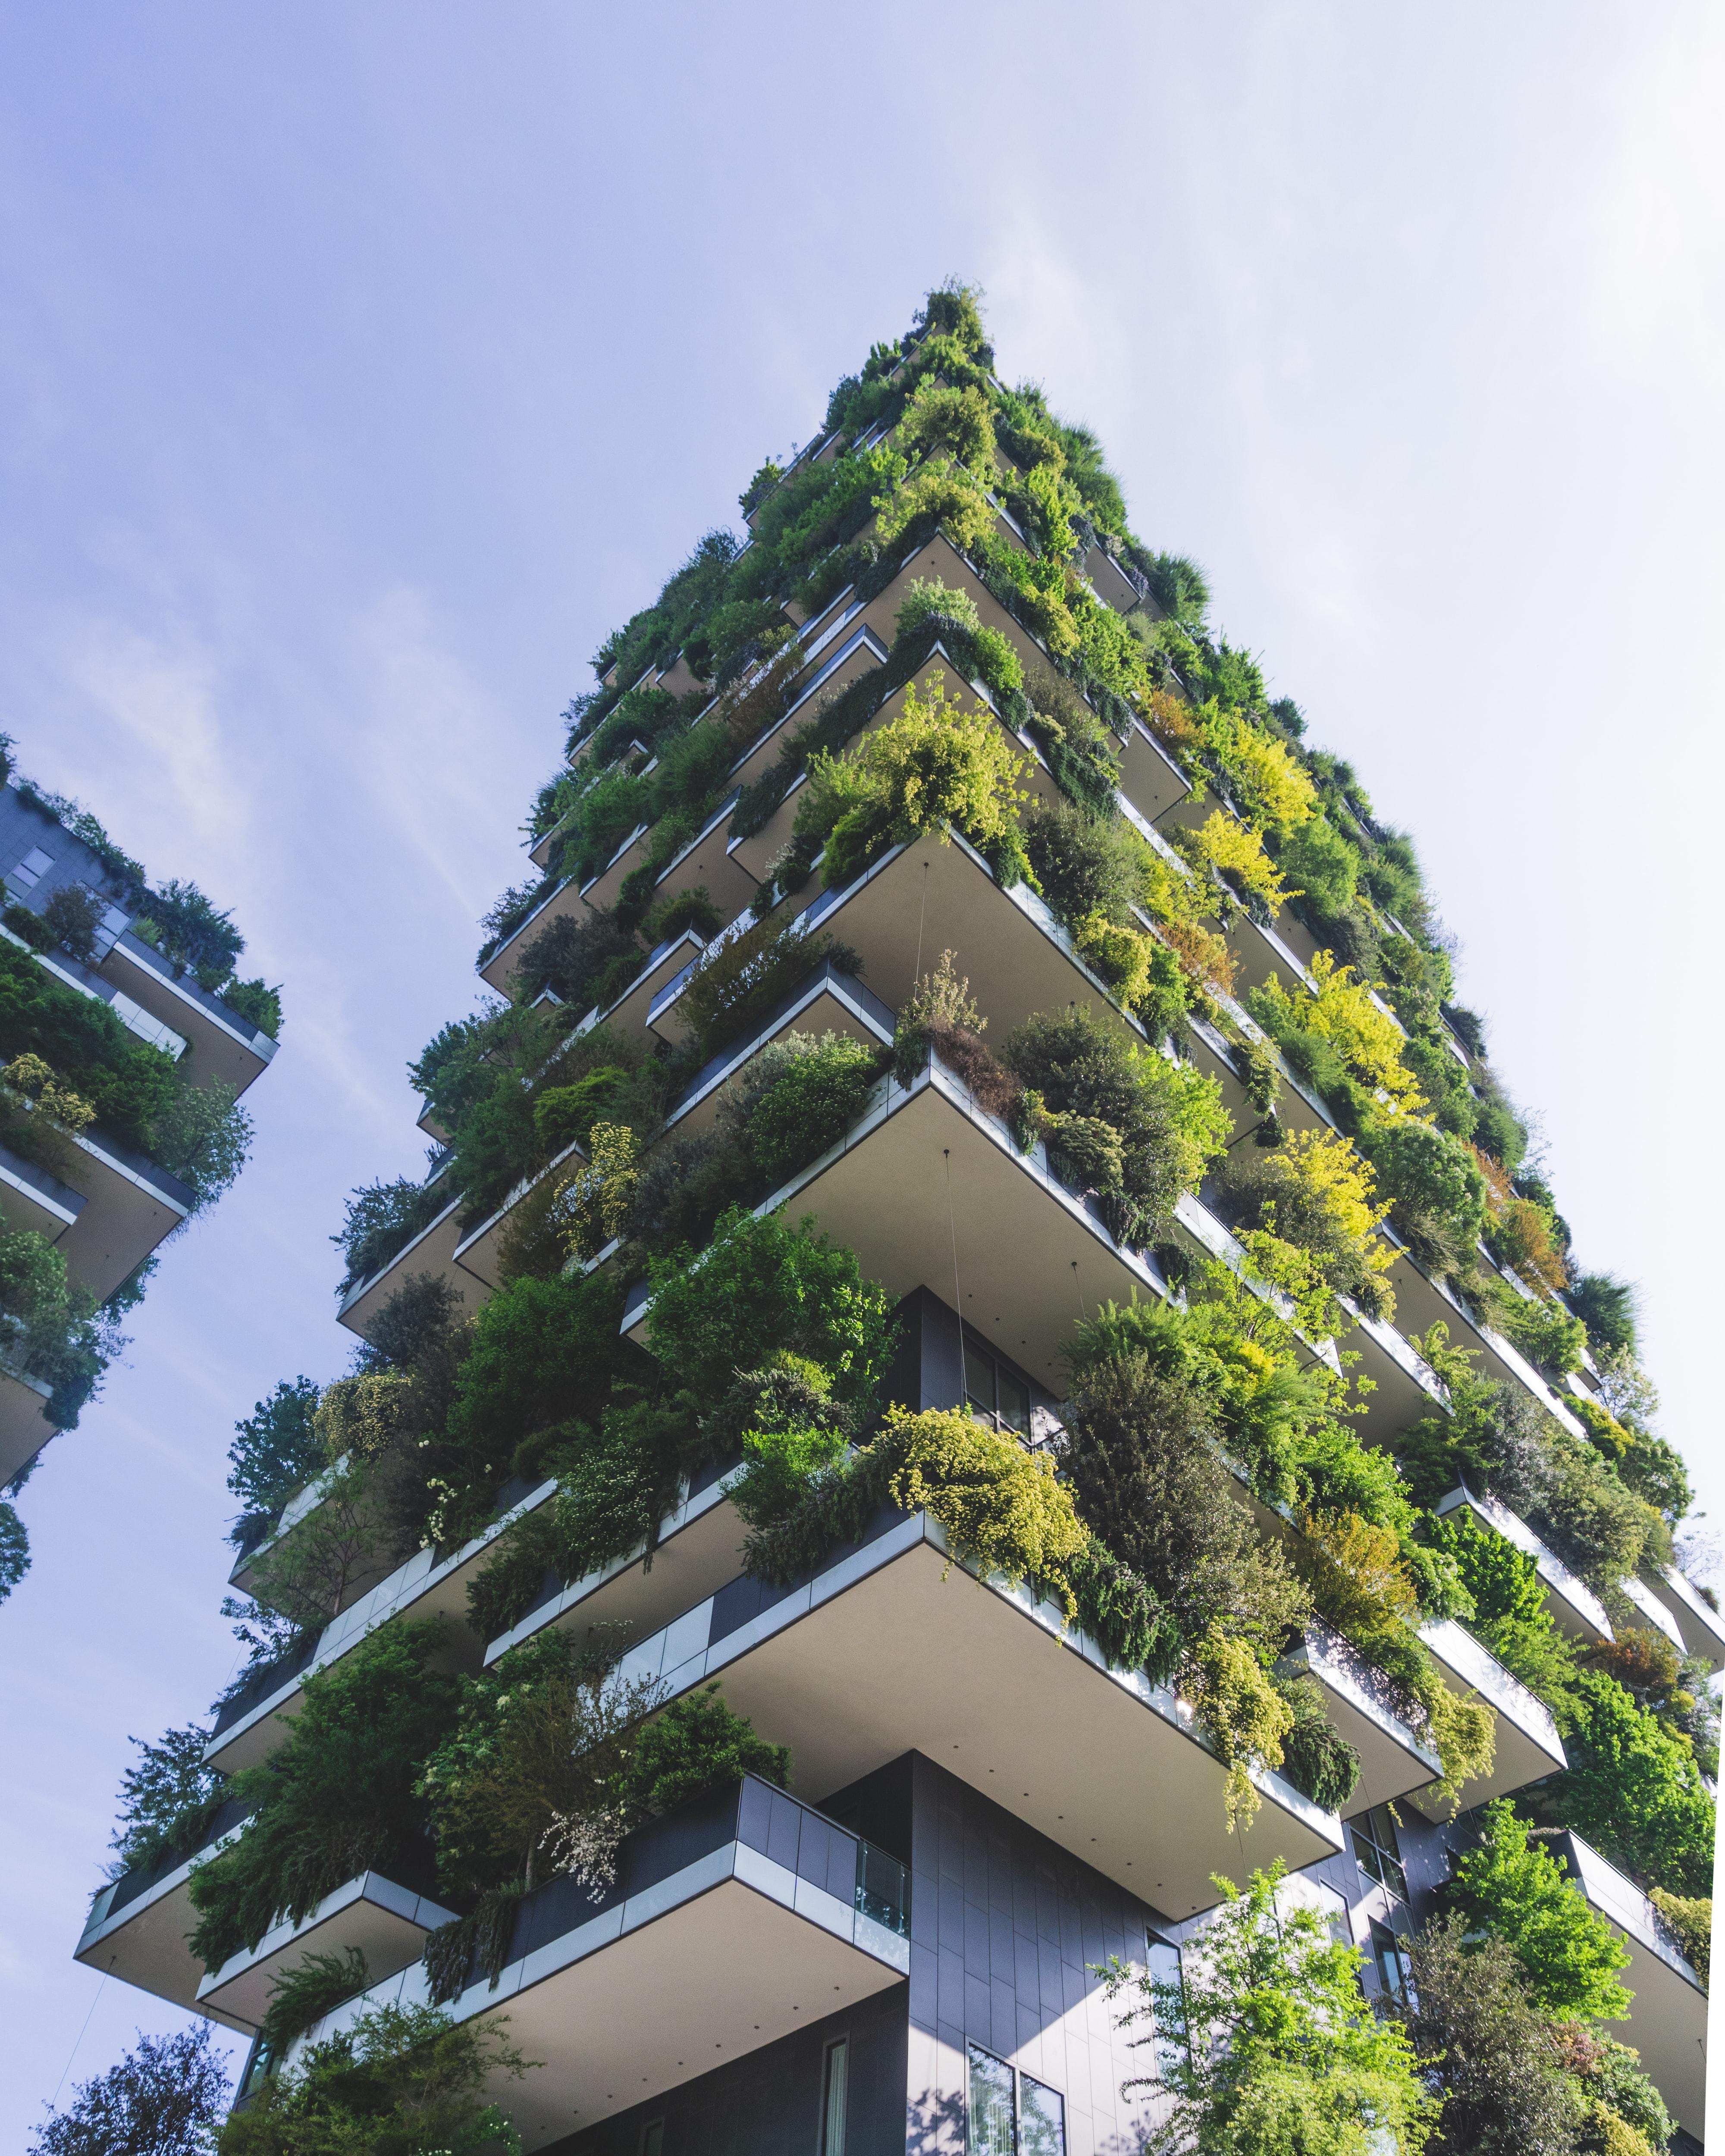 Oficina , undefined - Oficinas sostenibles en Madrid, España - 20